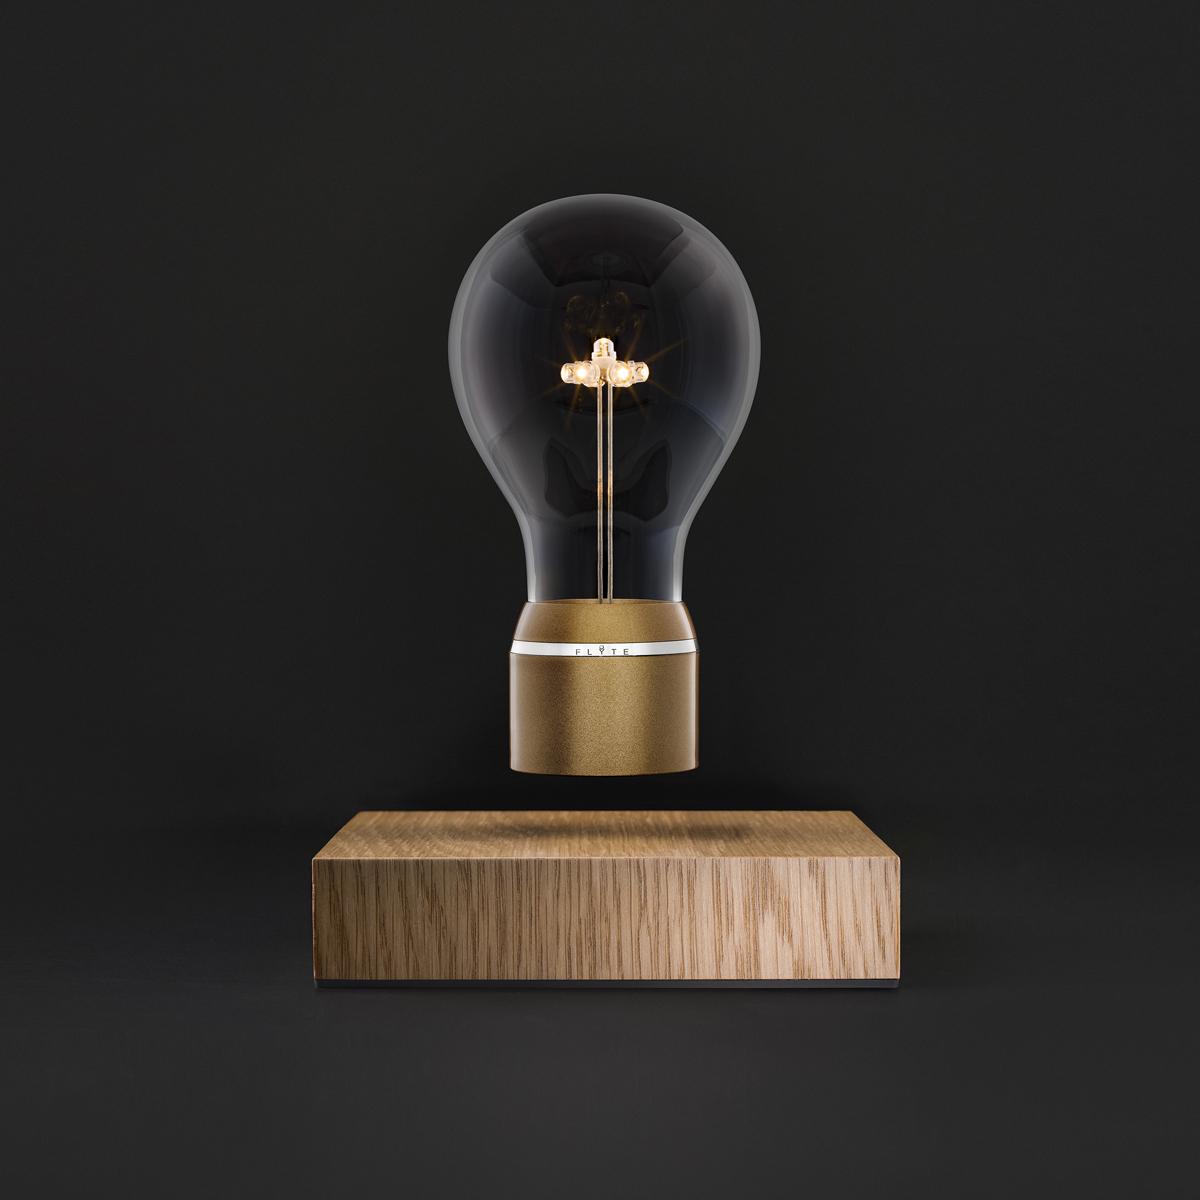 磁力で宙に浮くLED電球(Royal) | FLYTE